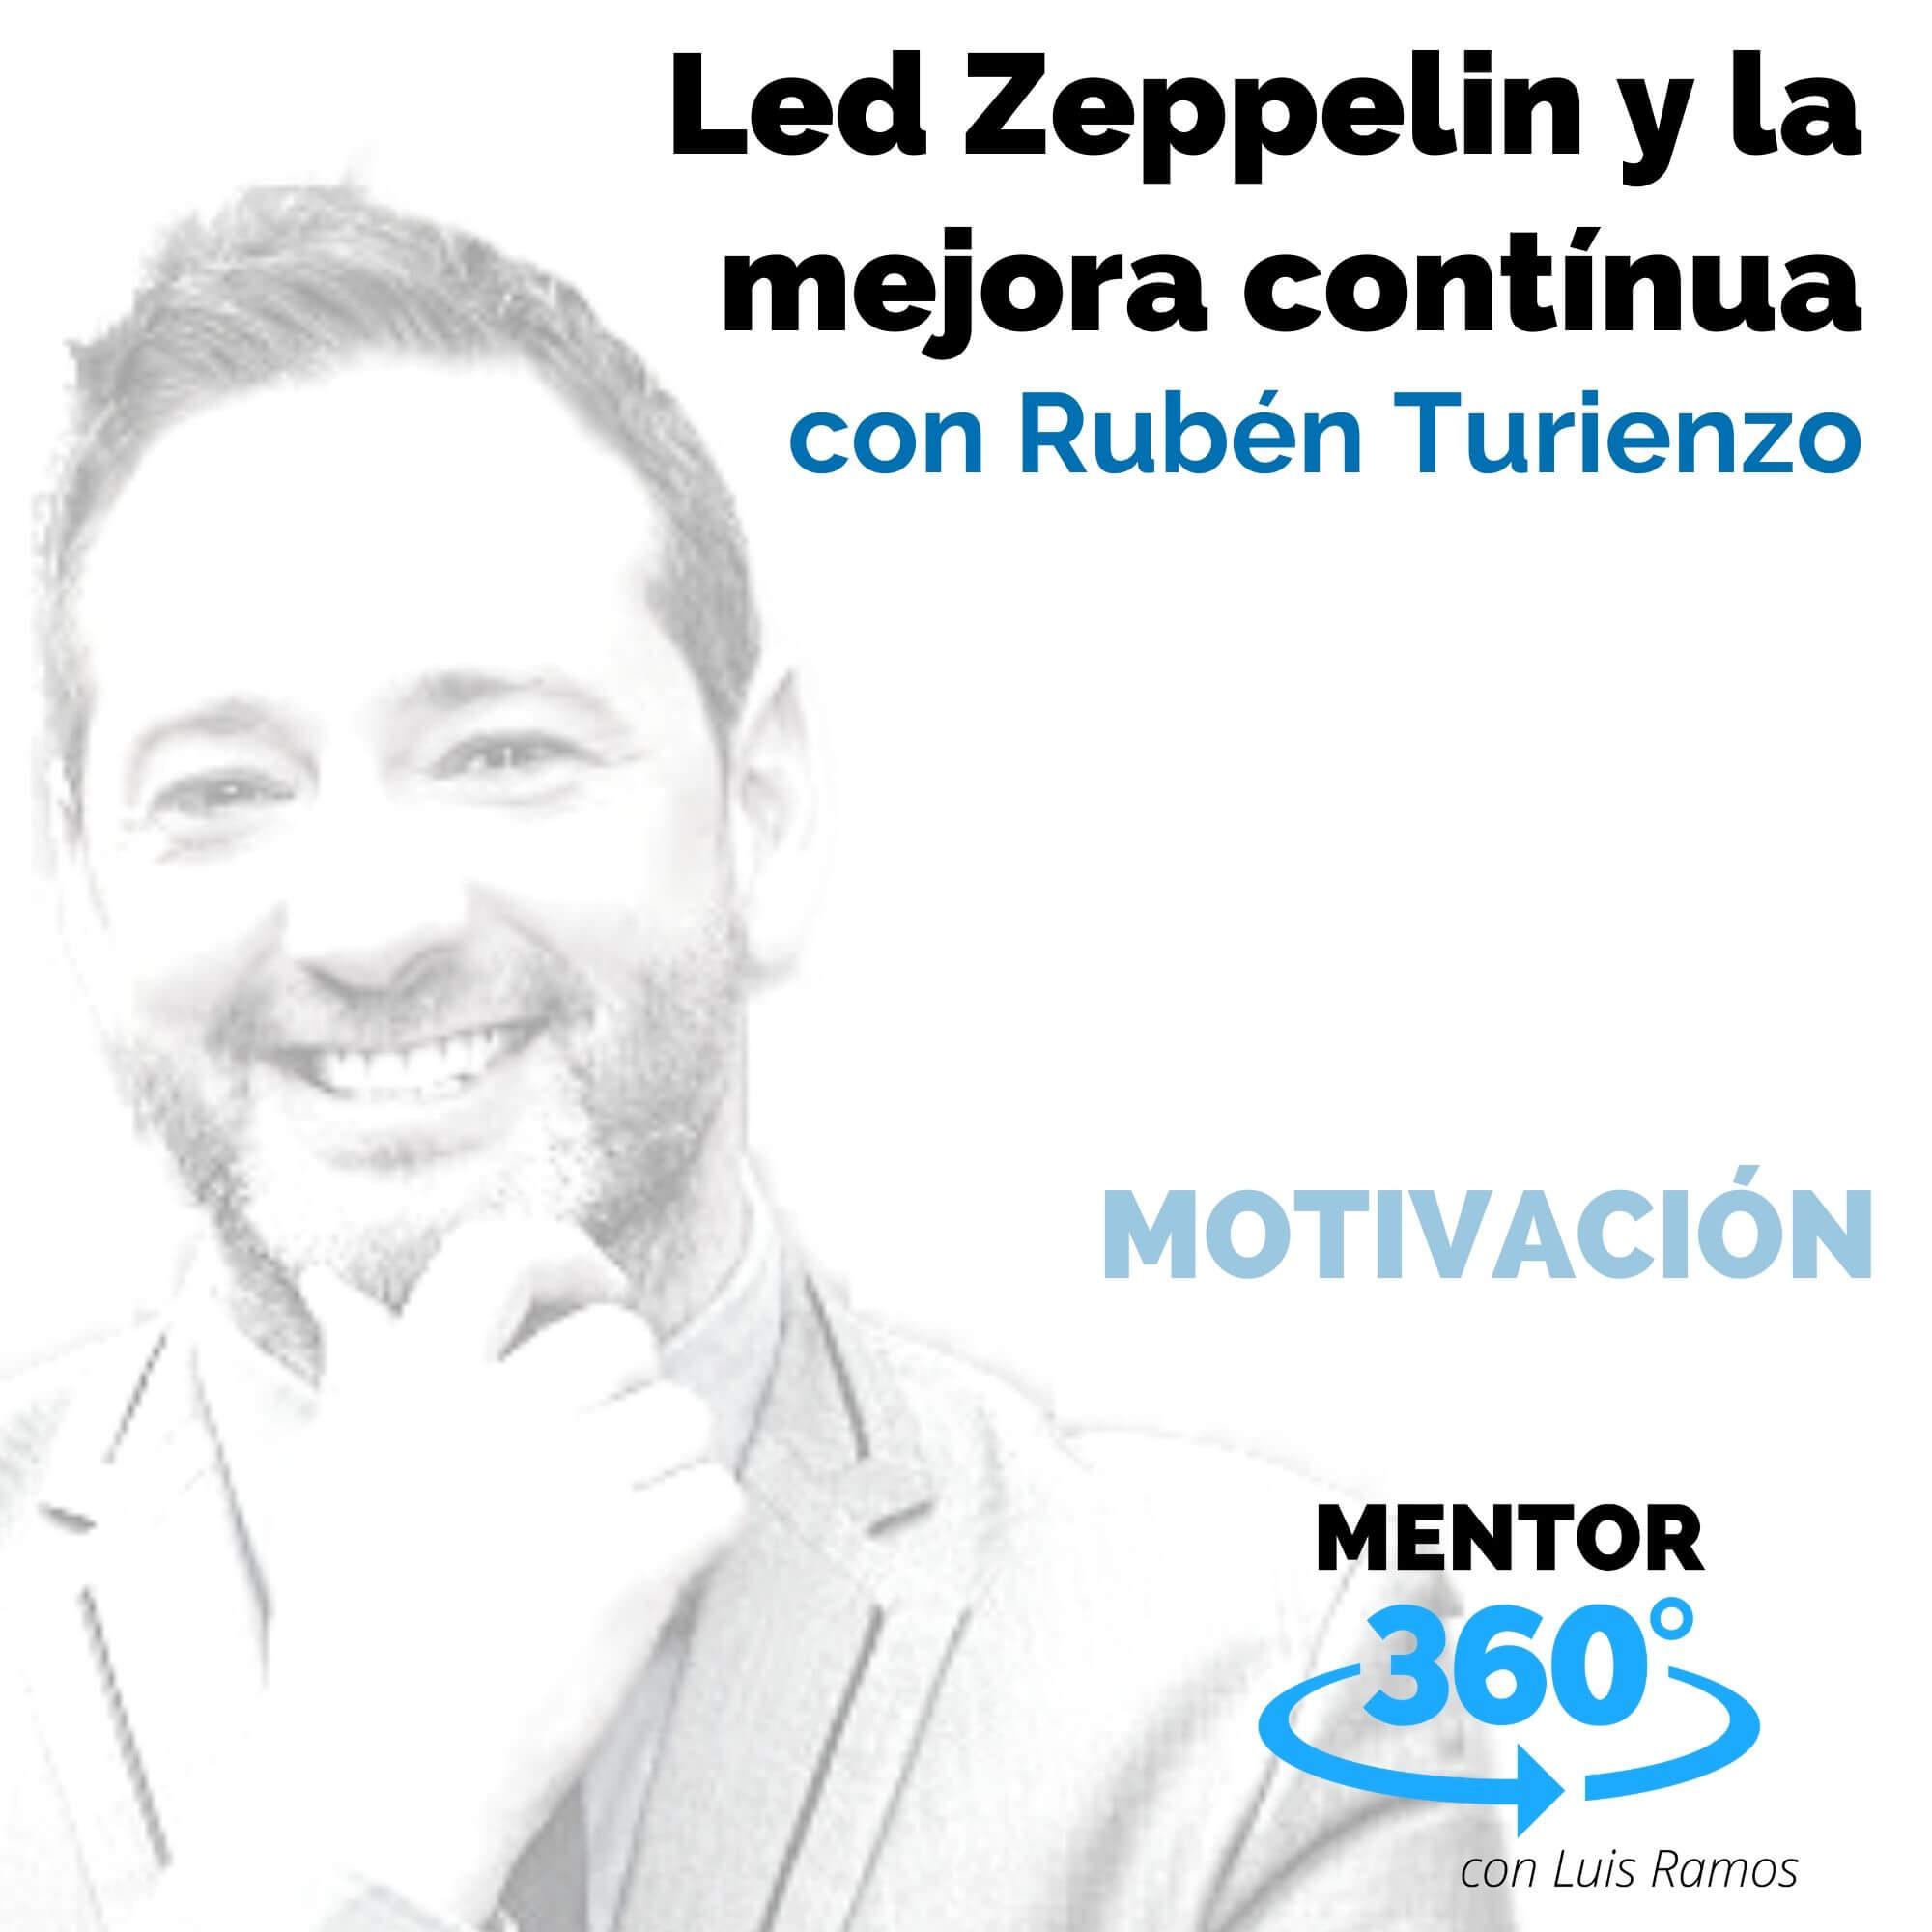 Led Zeppelin y la mejora contínua, con Rubén Turienzo - MOTIVACIÓN